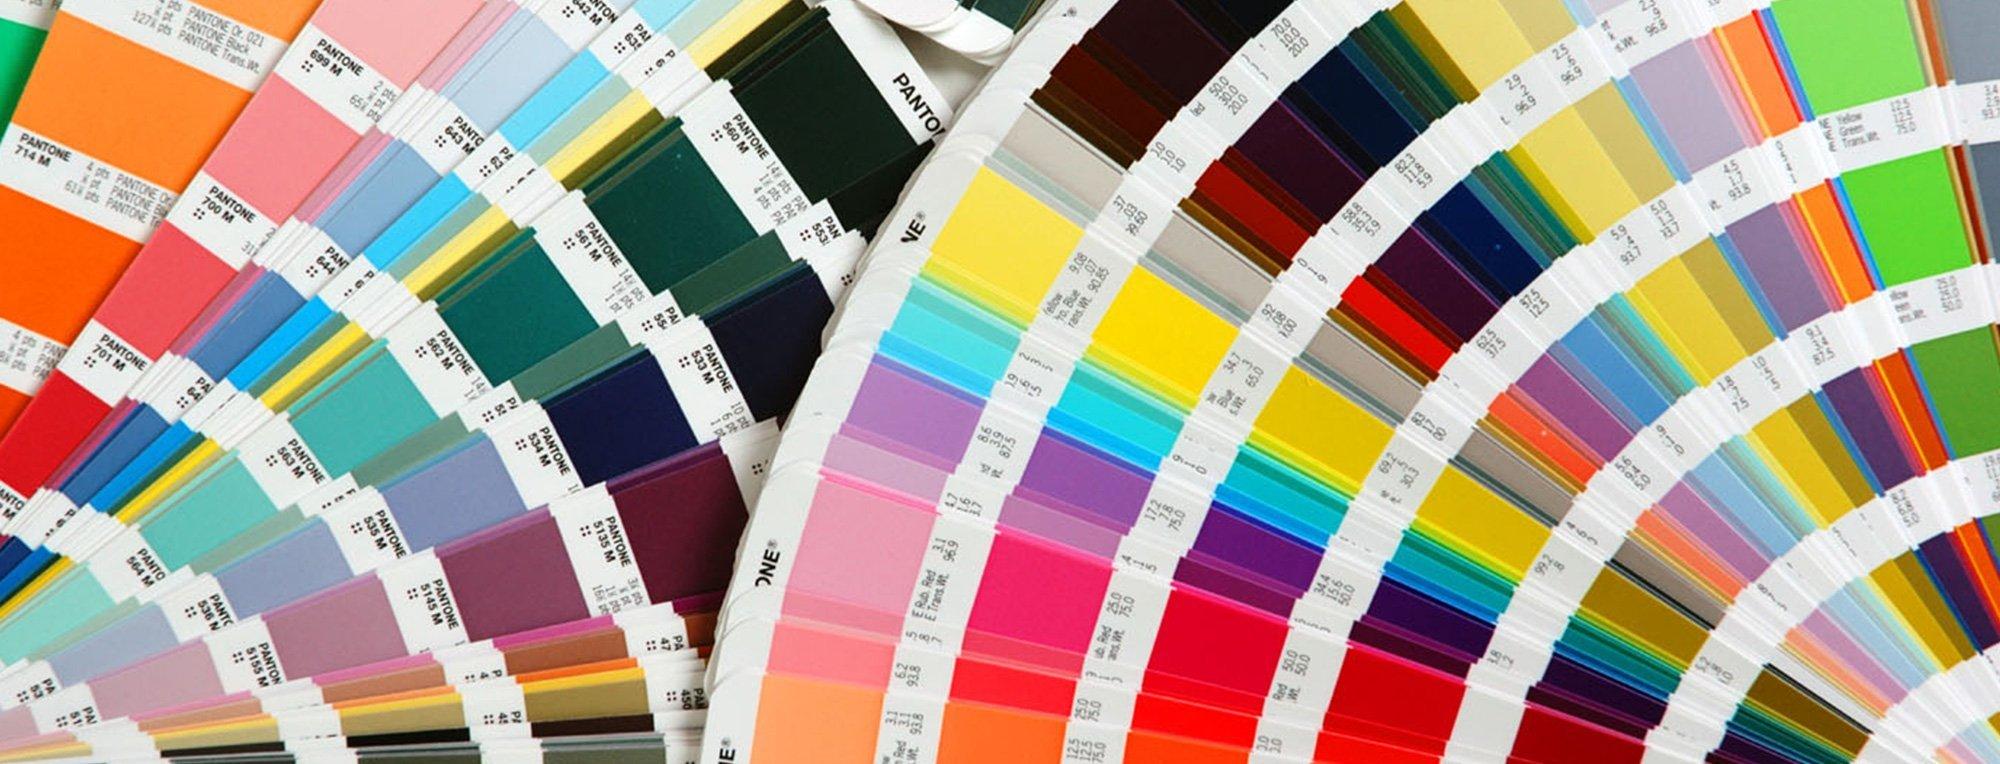 colour shade card